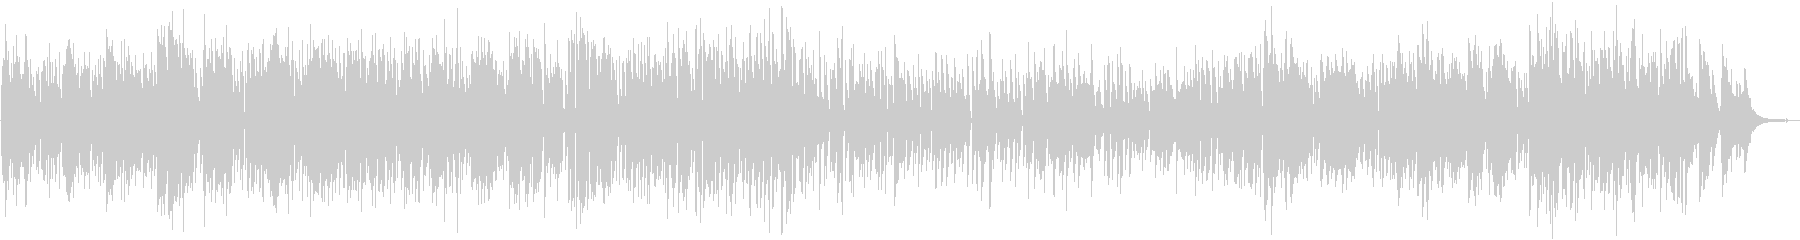 バリトンサックスとギターのボサノバDuoの未再生の波形